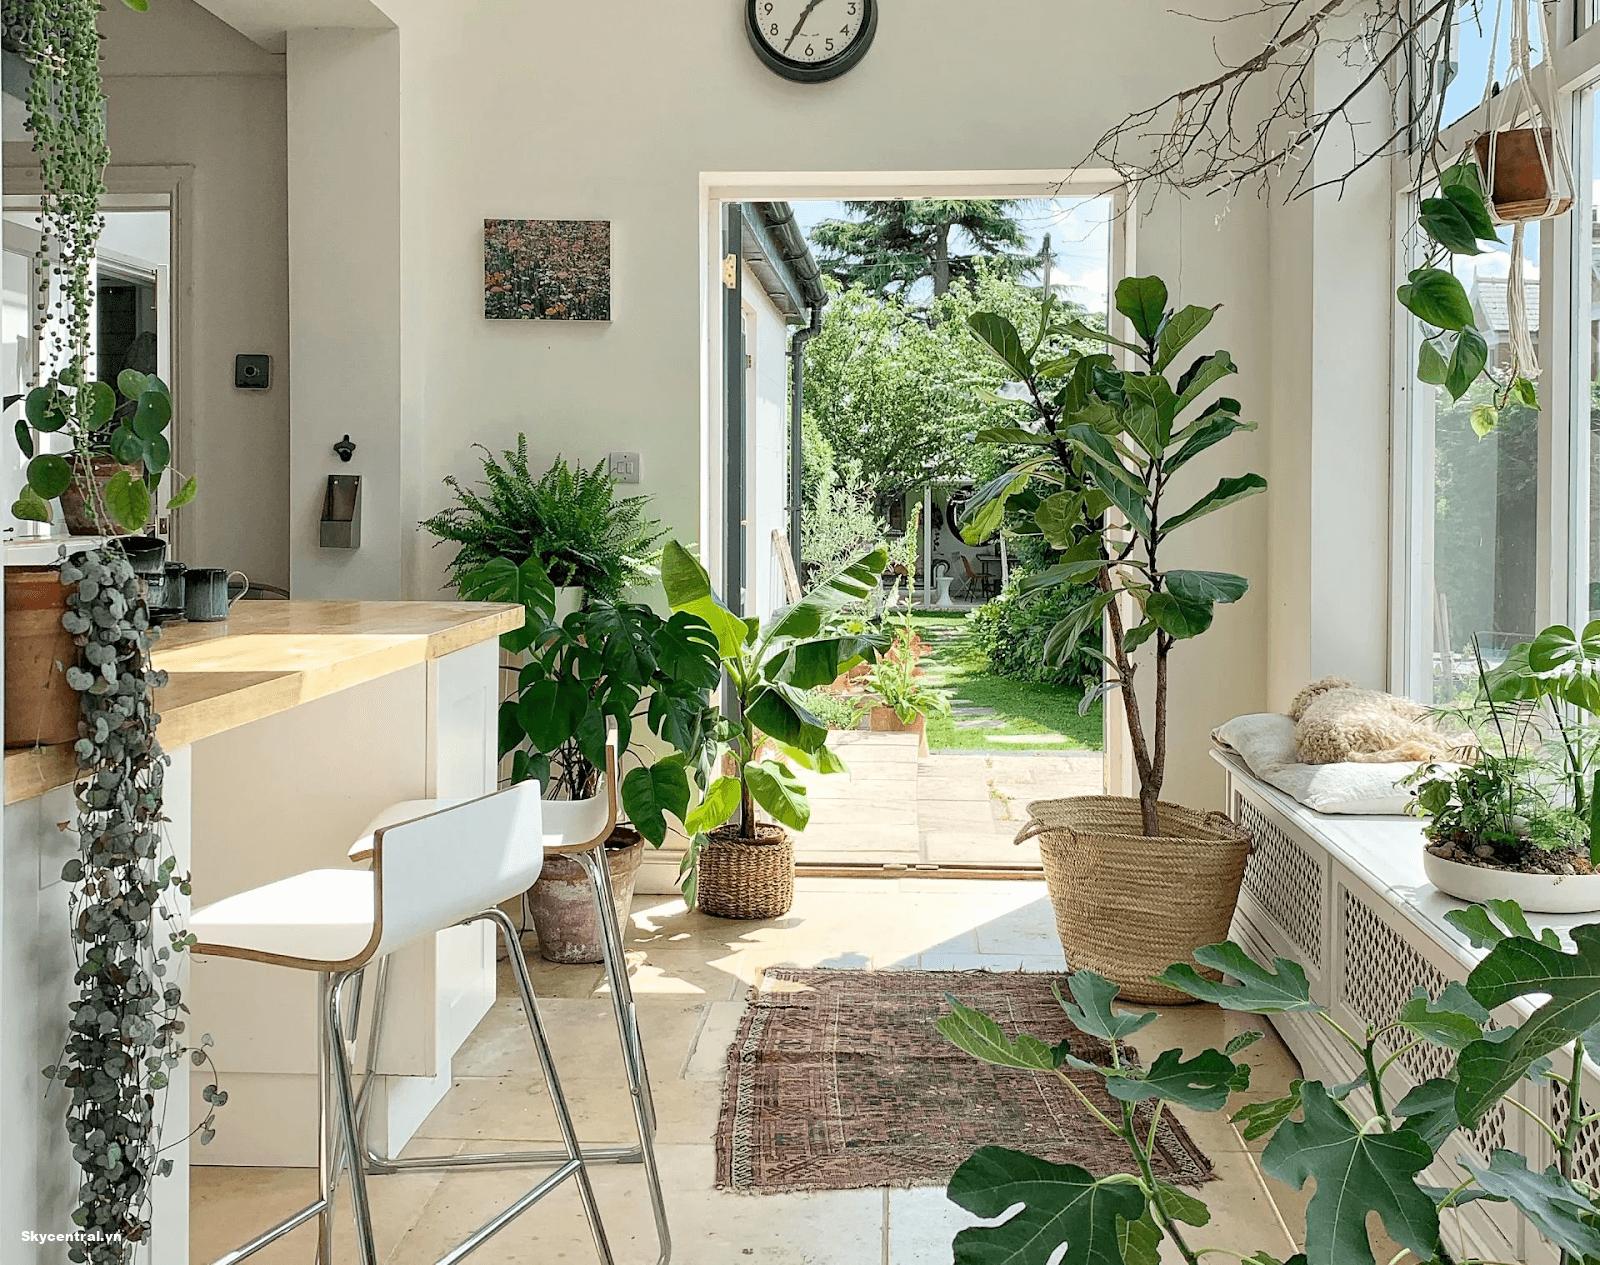 Đặt cây xanh trong phòng để điều hoà không khí